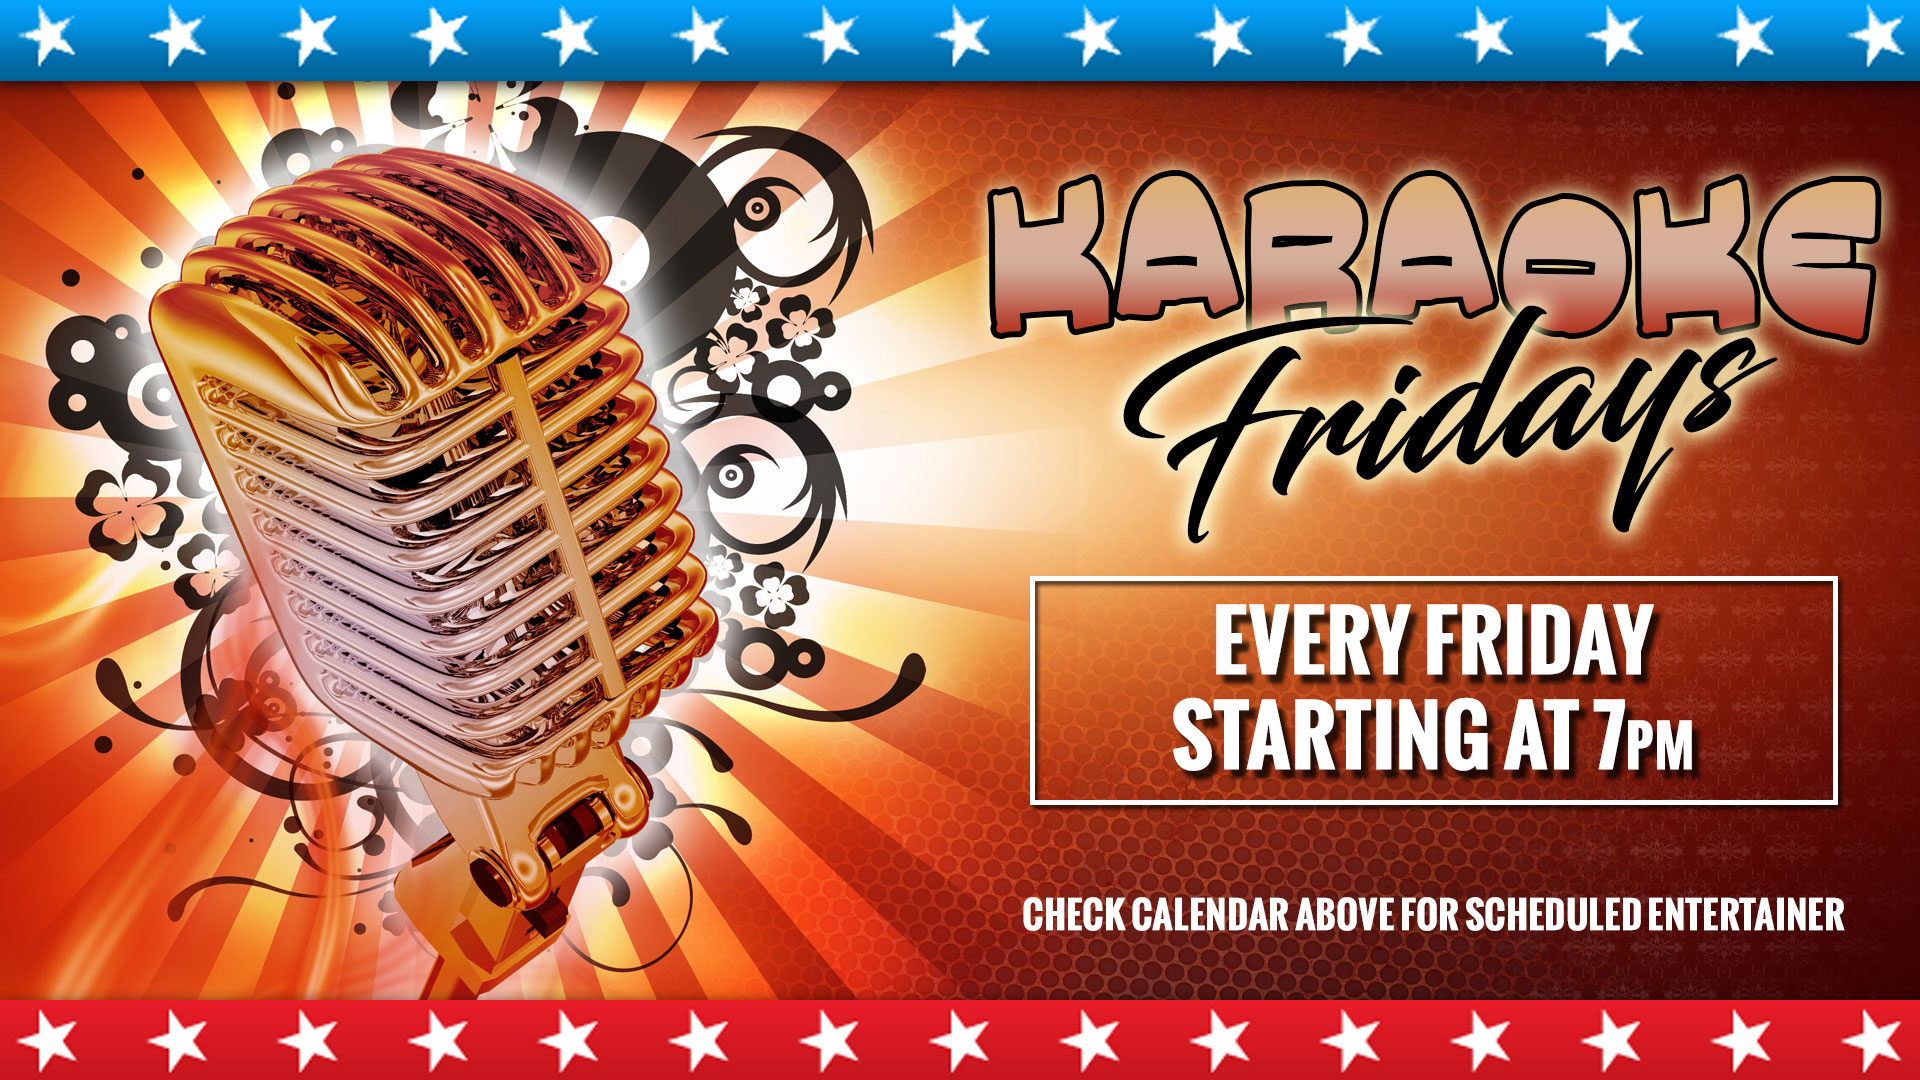 Karaoke Fridays Image